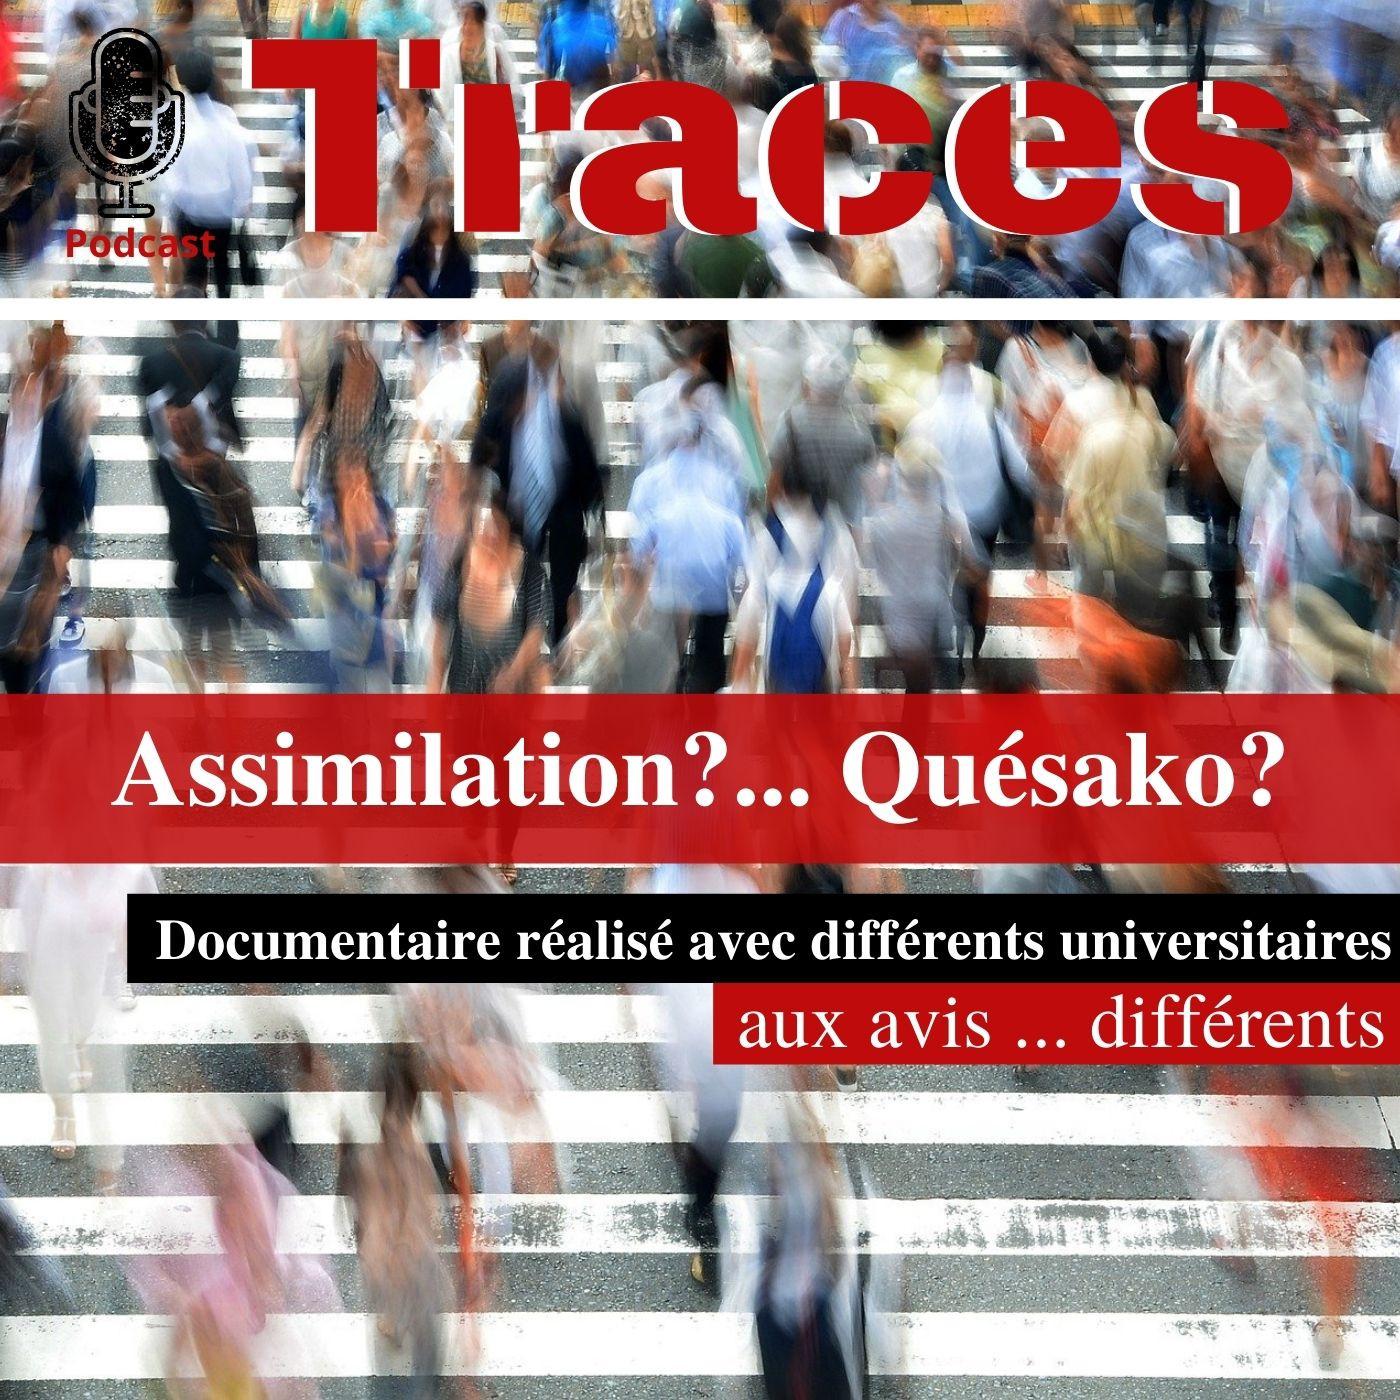 Assimilation? Quésako?